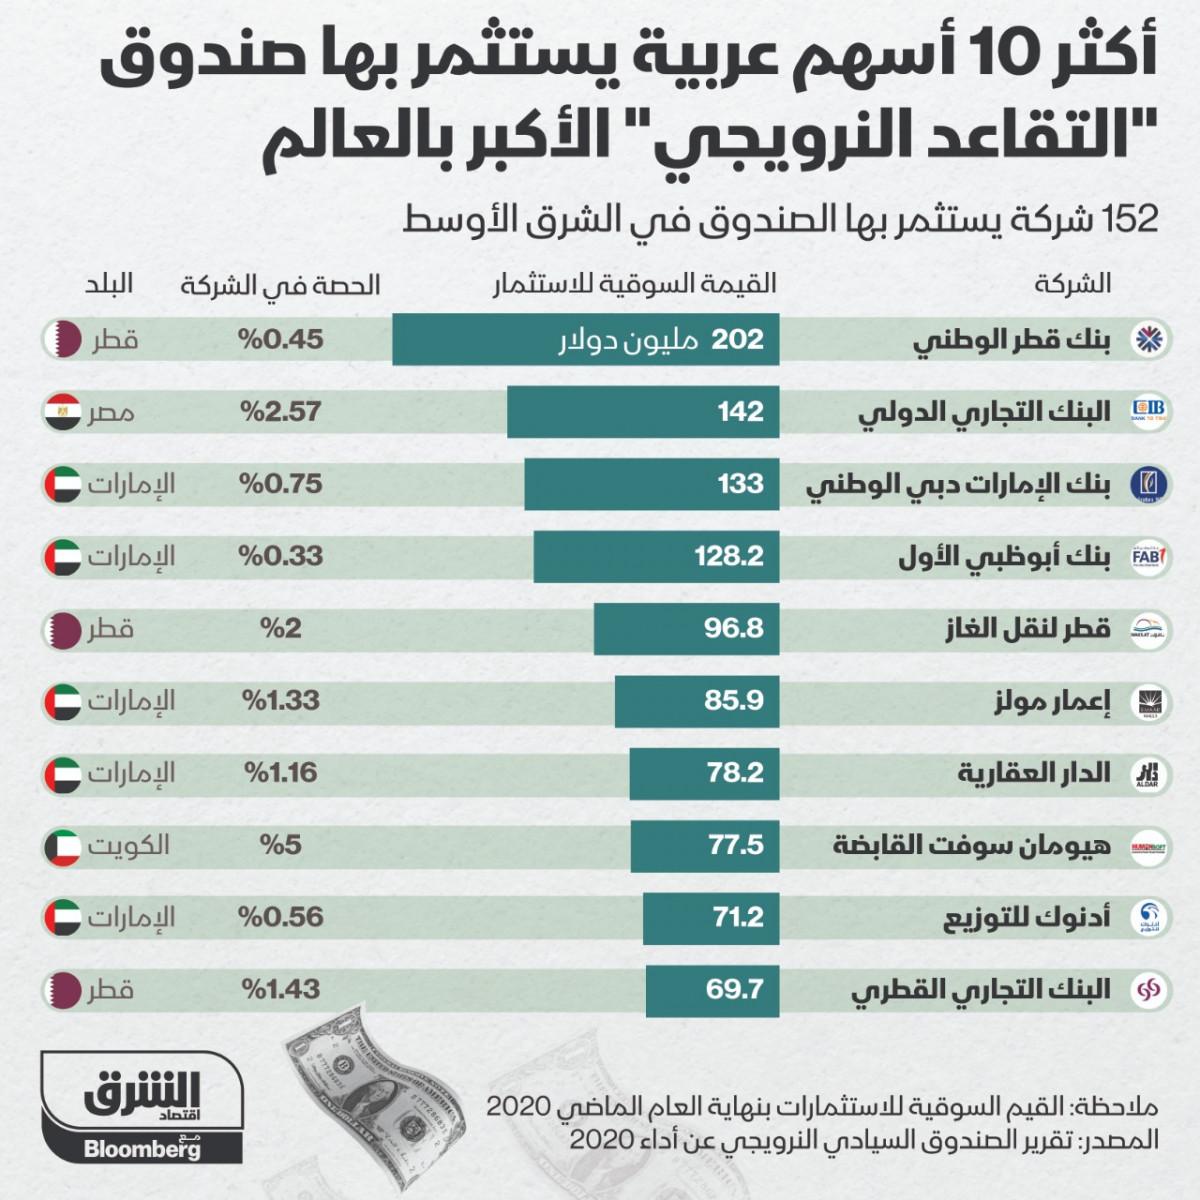 أكبر 10 أسهم عربية يستثمر فيها الصندوق السيادي النرويجي